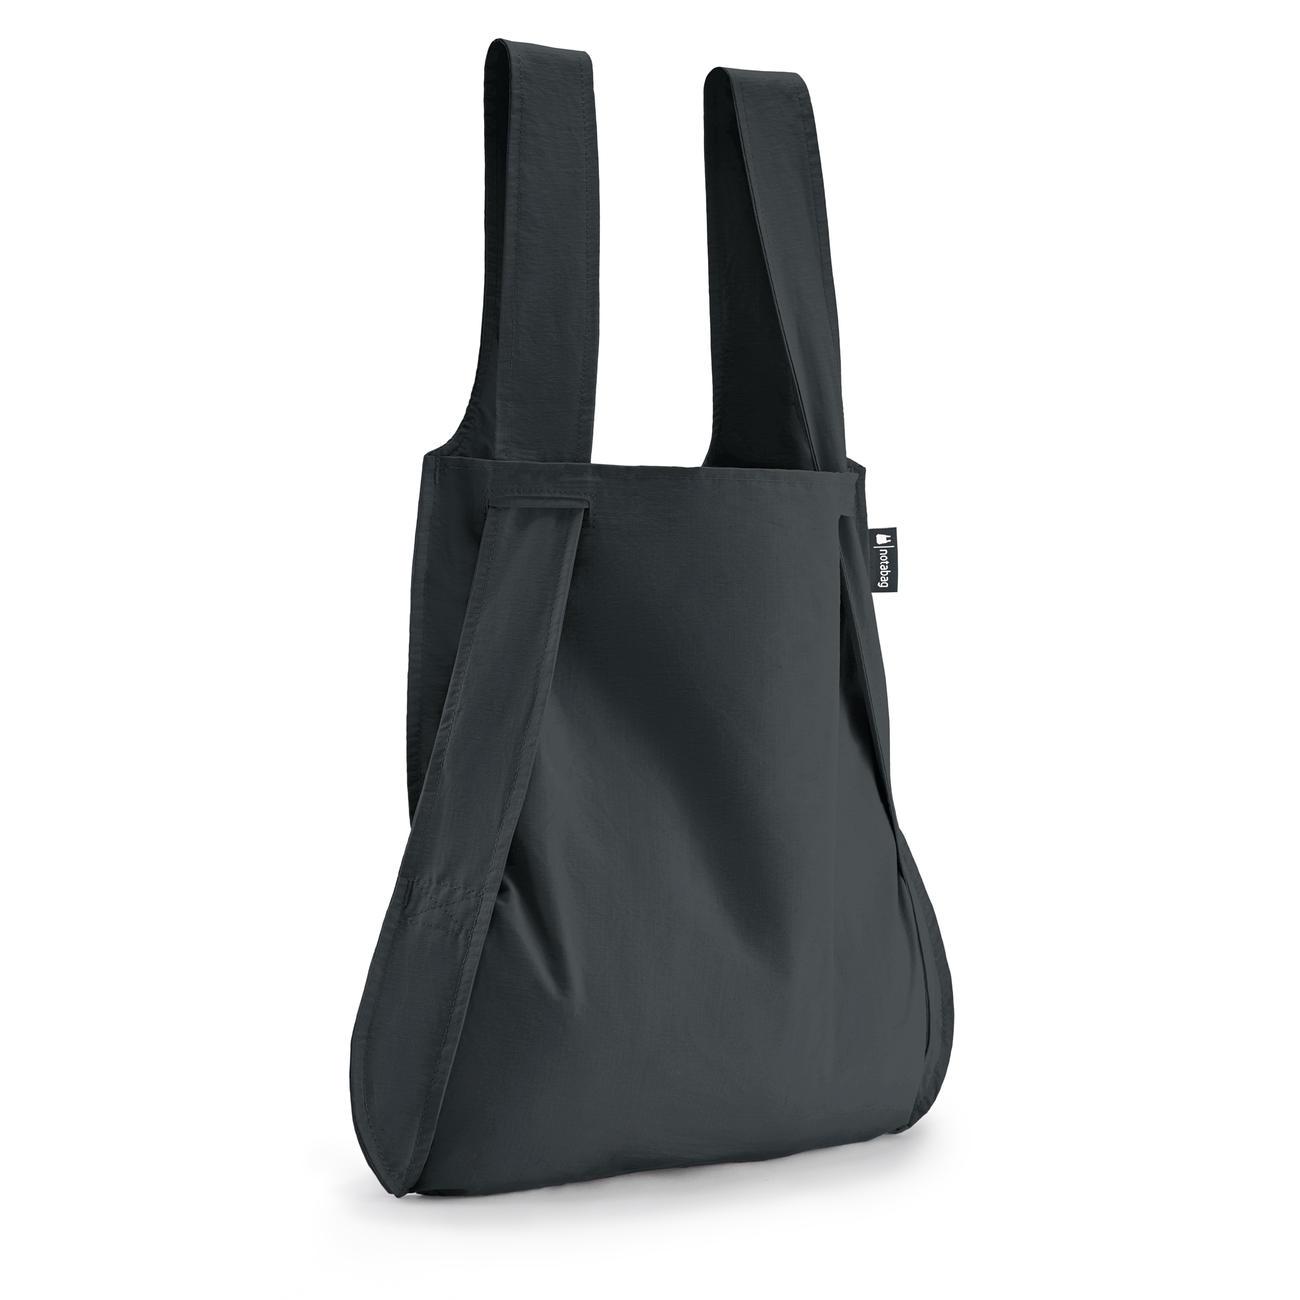 notabag tasche und rucksack in einem zusammenfaltbar schwarz. Black Bedroom Furniture Sets. Home Design Ideas